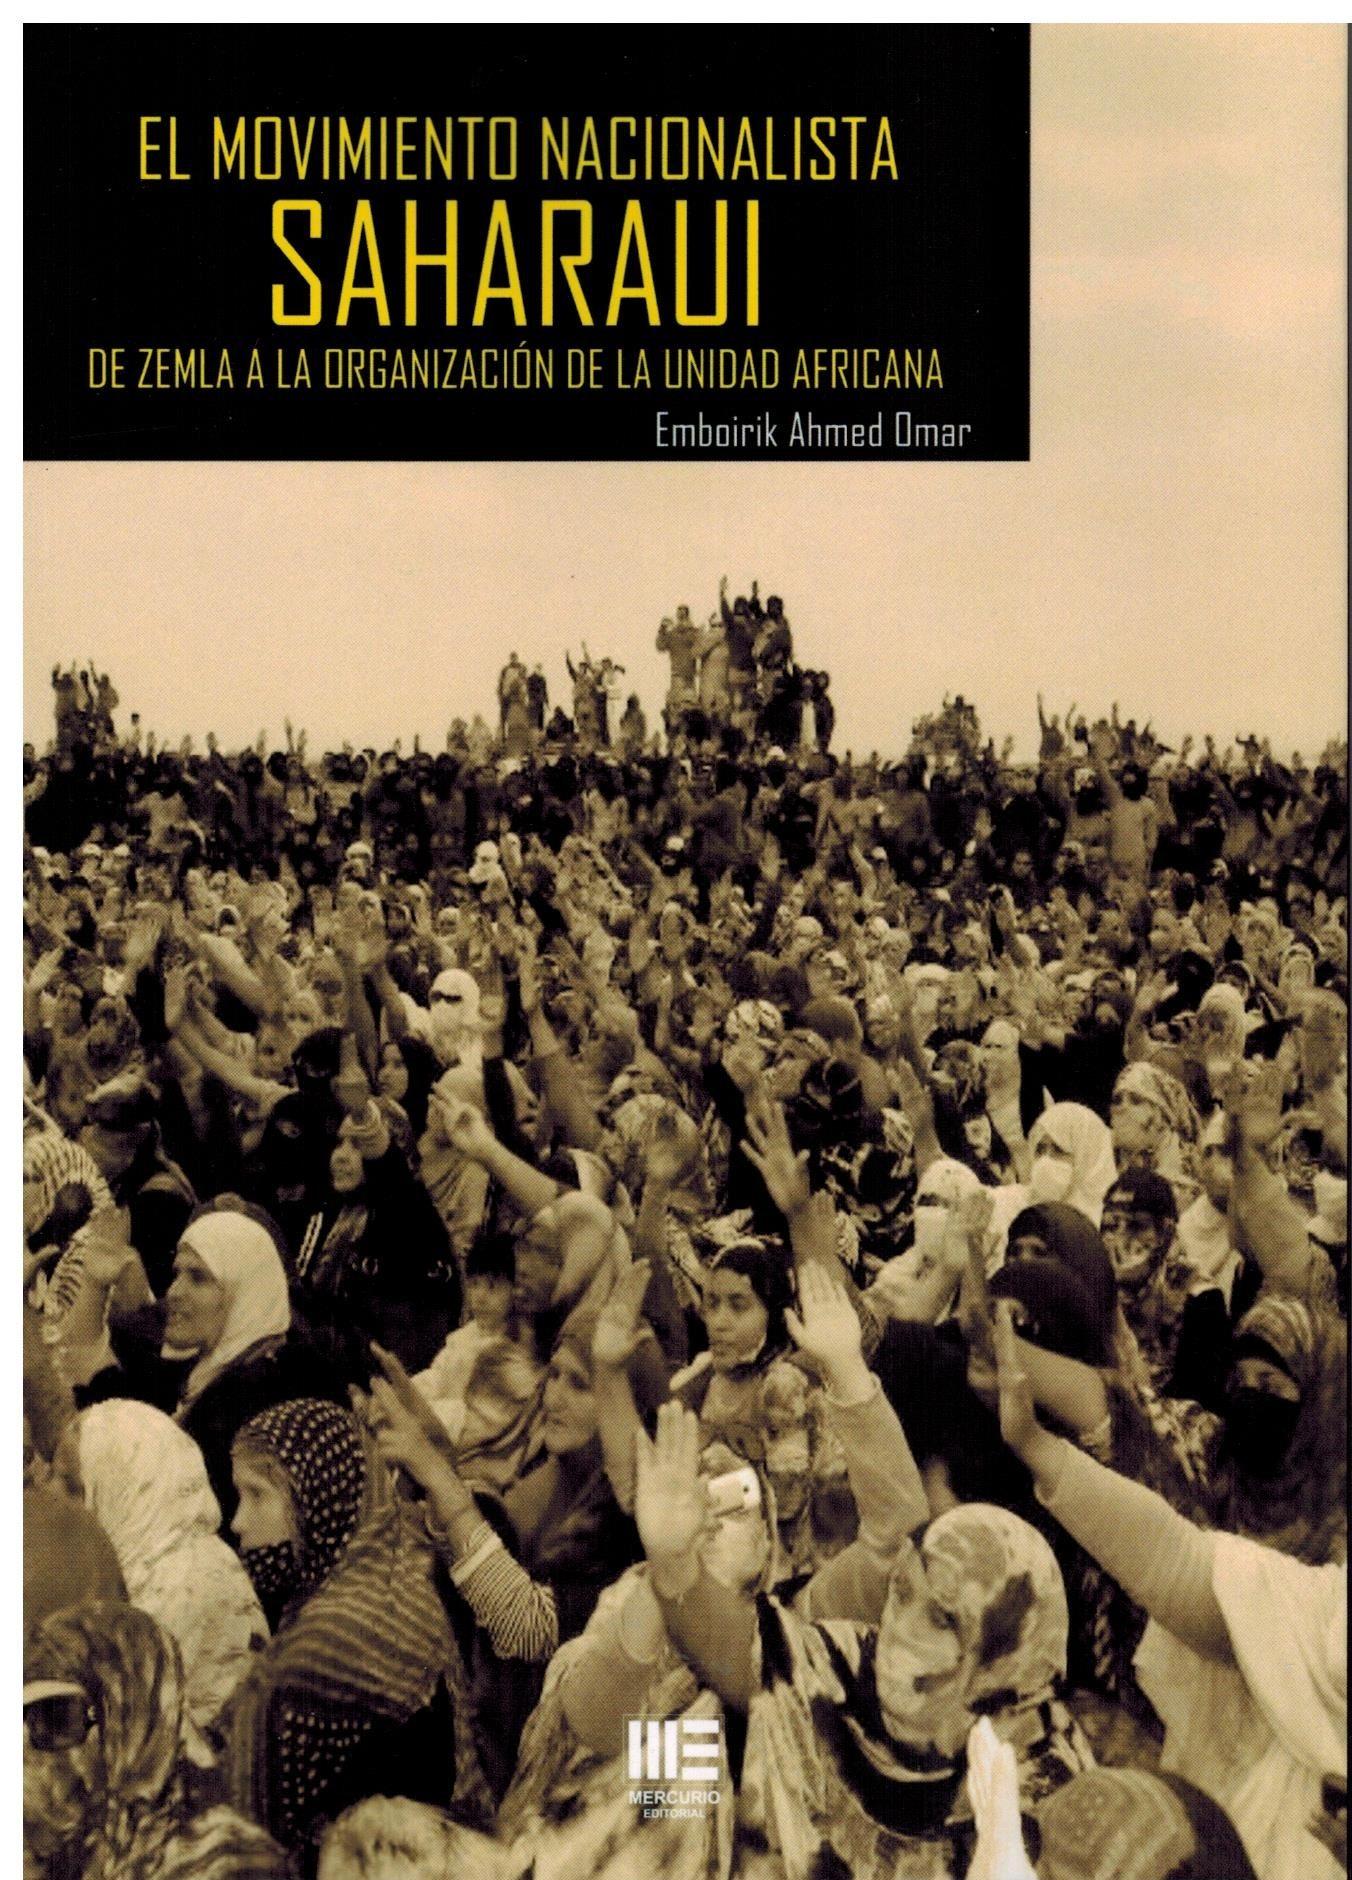 """Resultado de imagen para """"El movimiento nacionalista saharaui de Zemla a la Unidad Africana"""""""